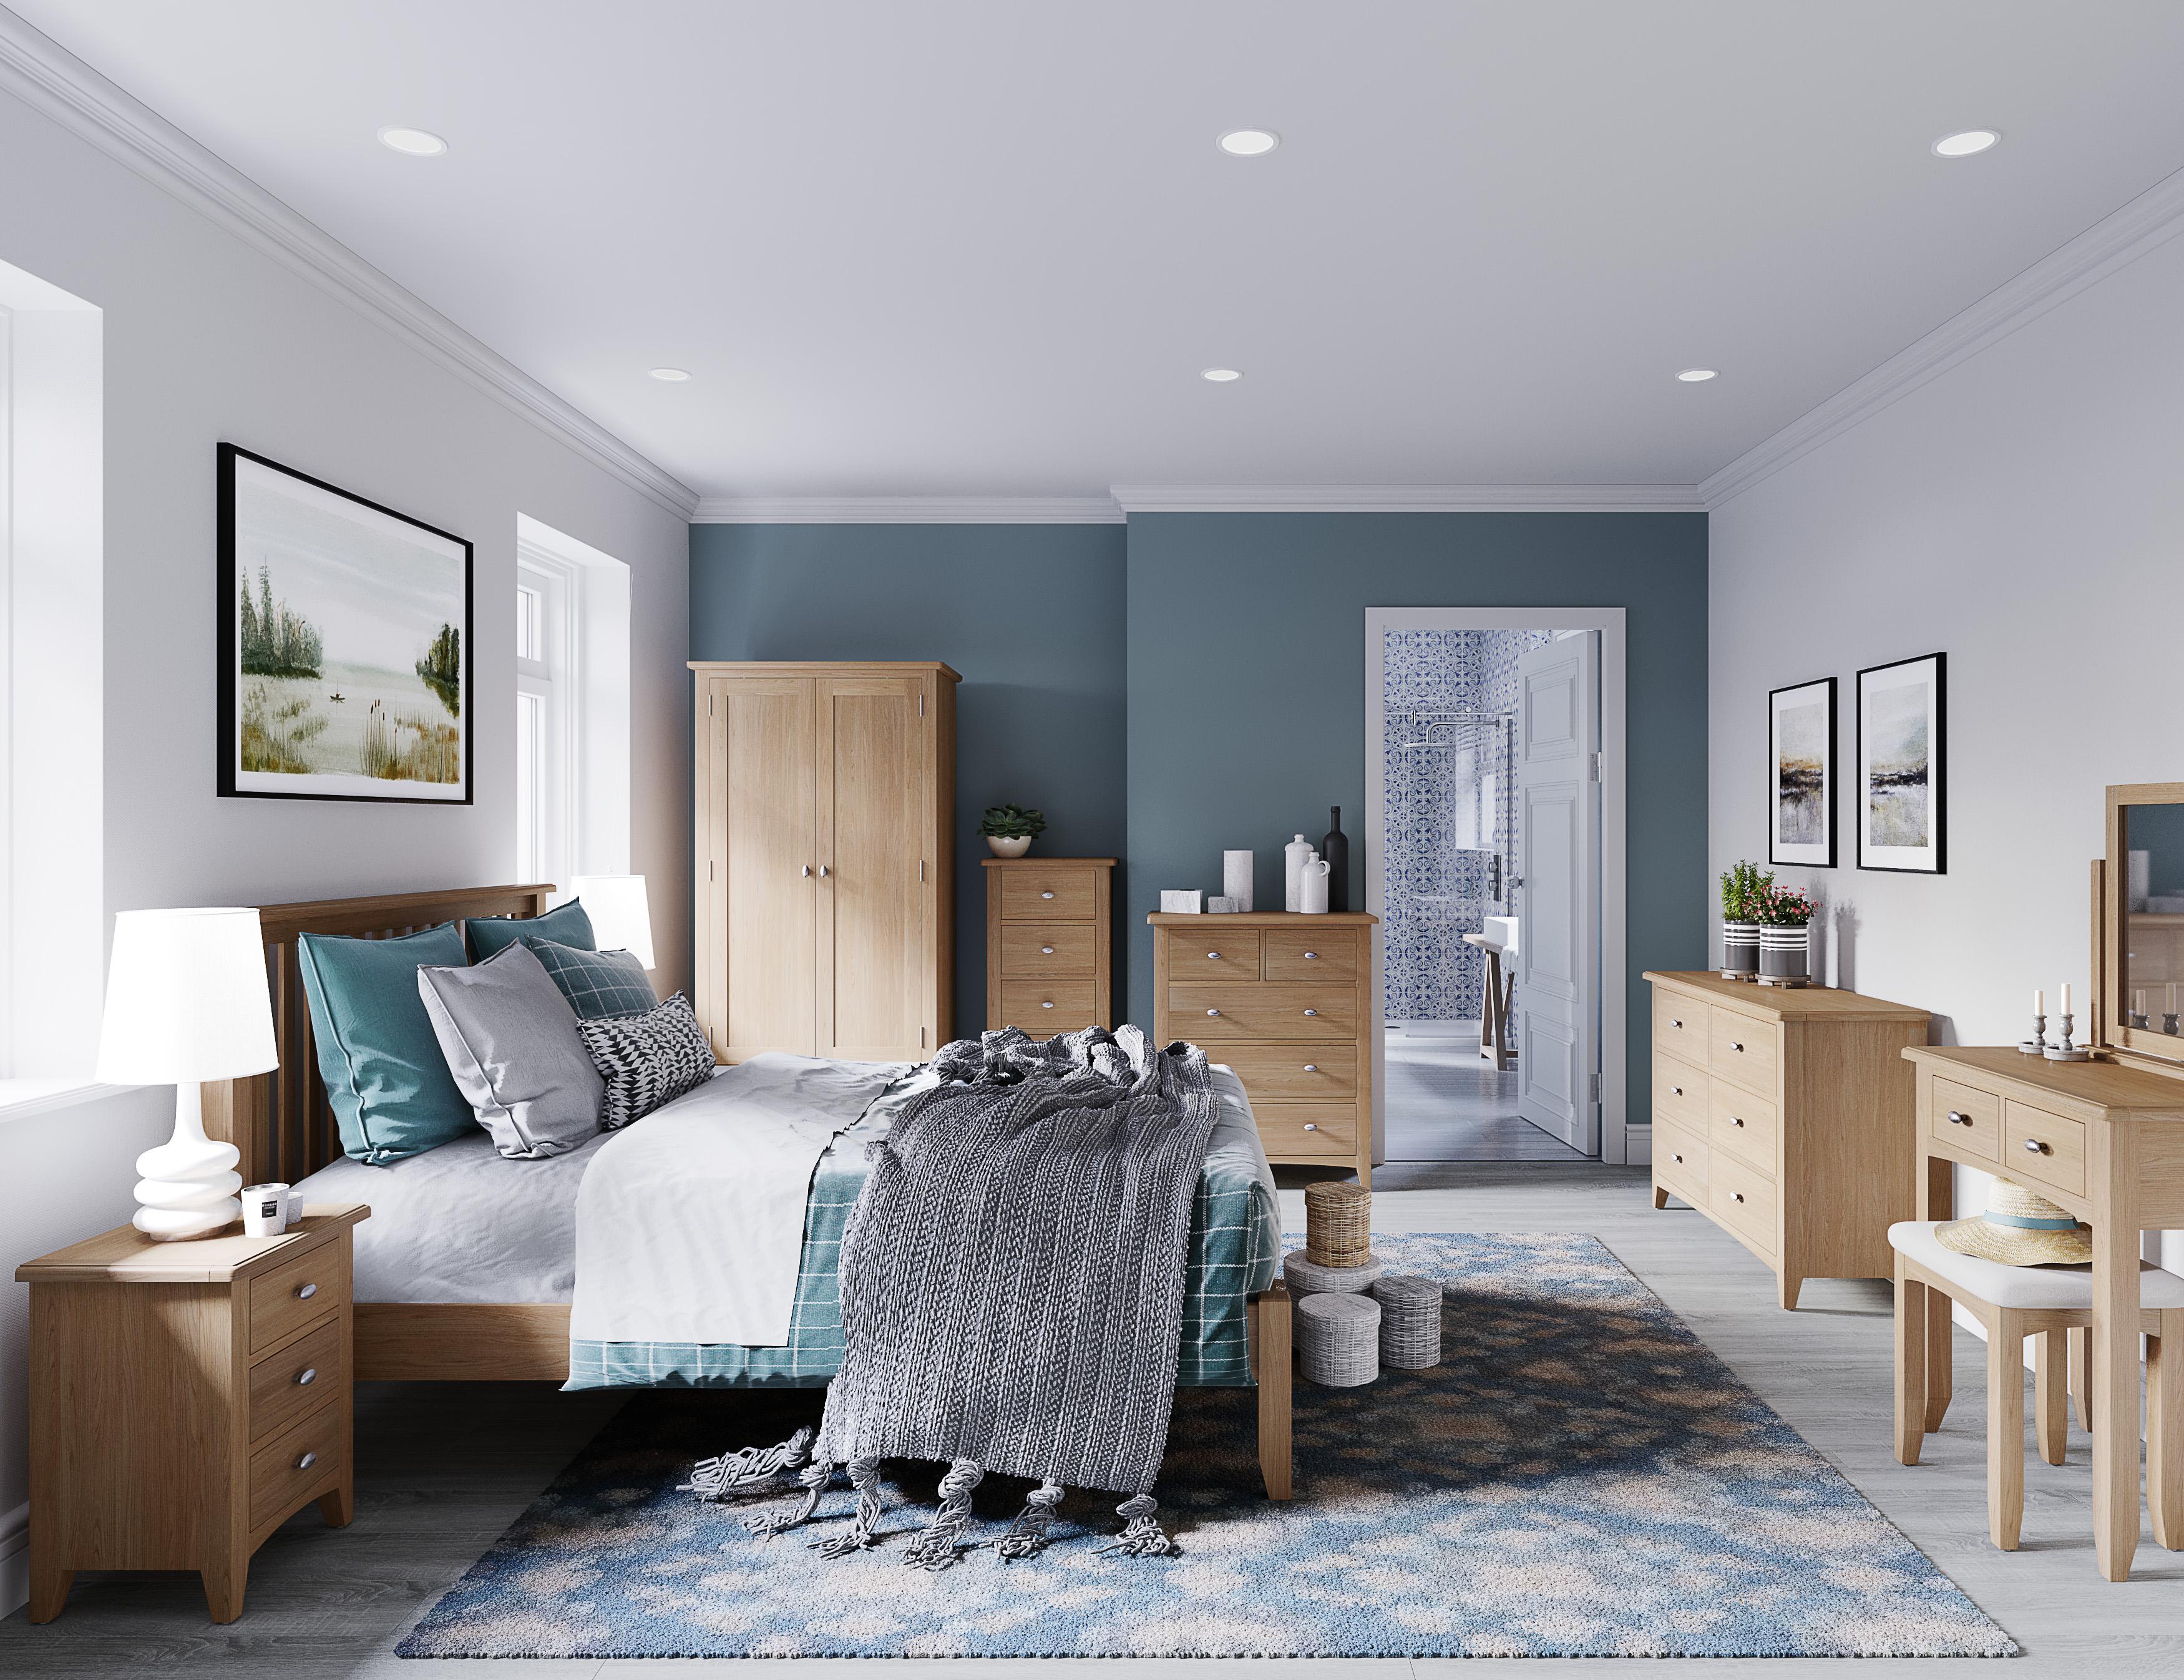 Goathland Bedroom